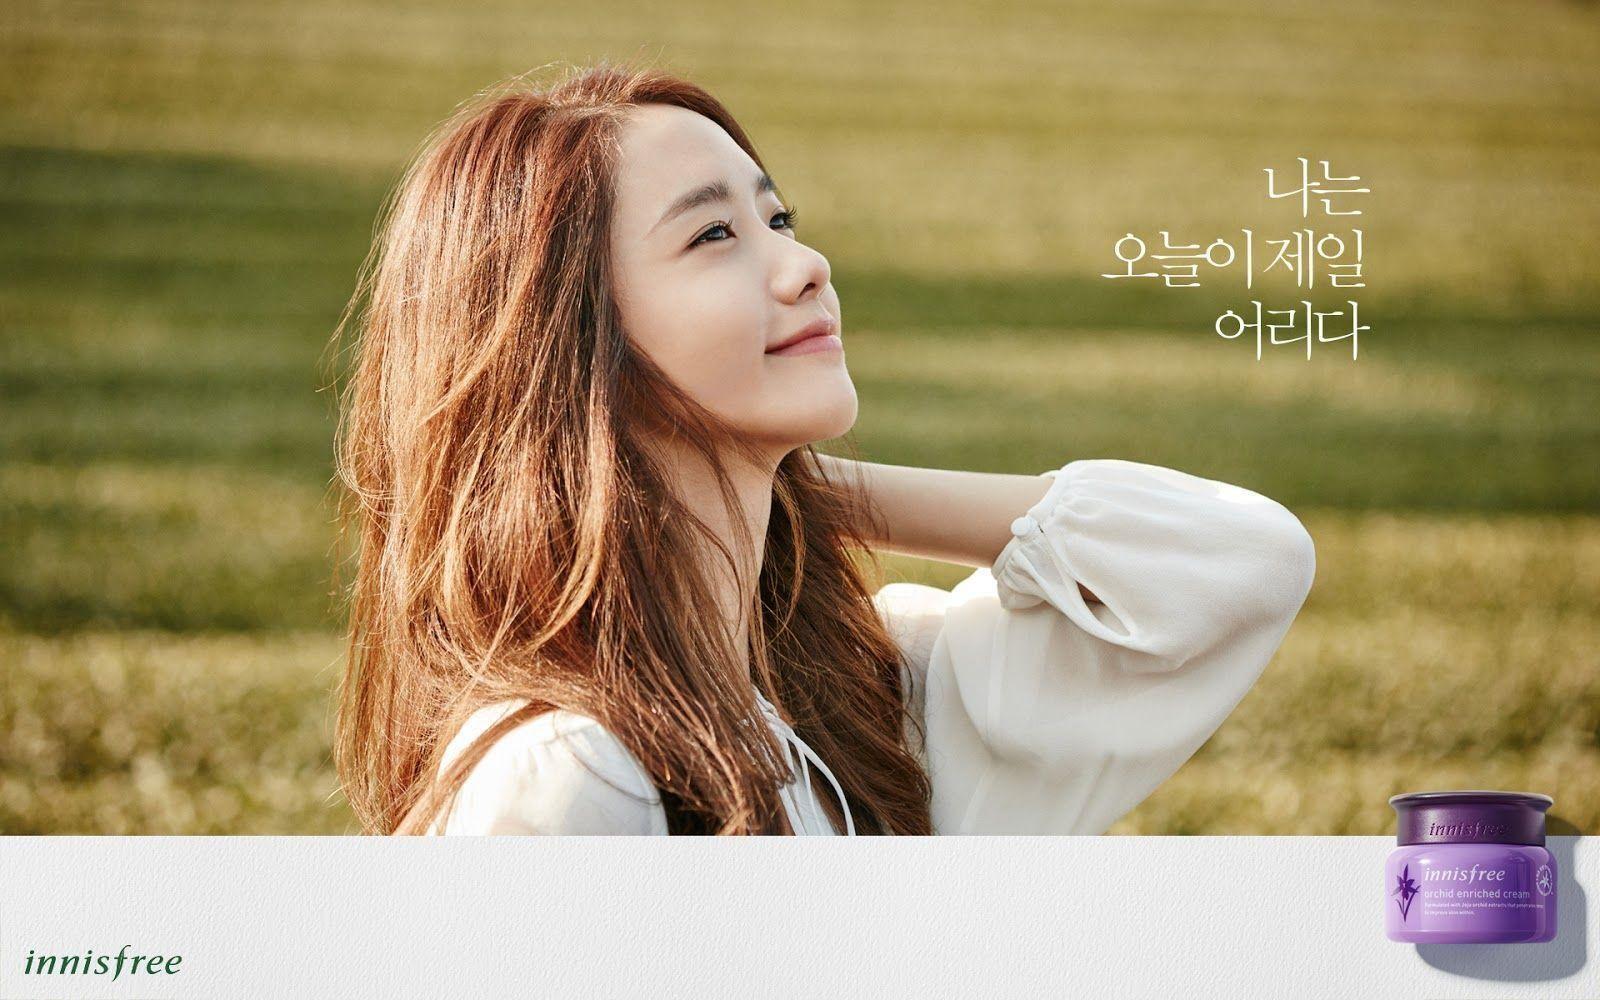 ユナ 少女時代 の可愛い厳選画像 高画質 Yoona 少女時代